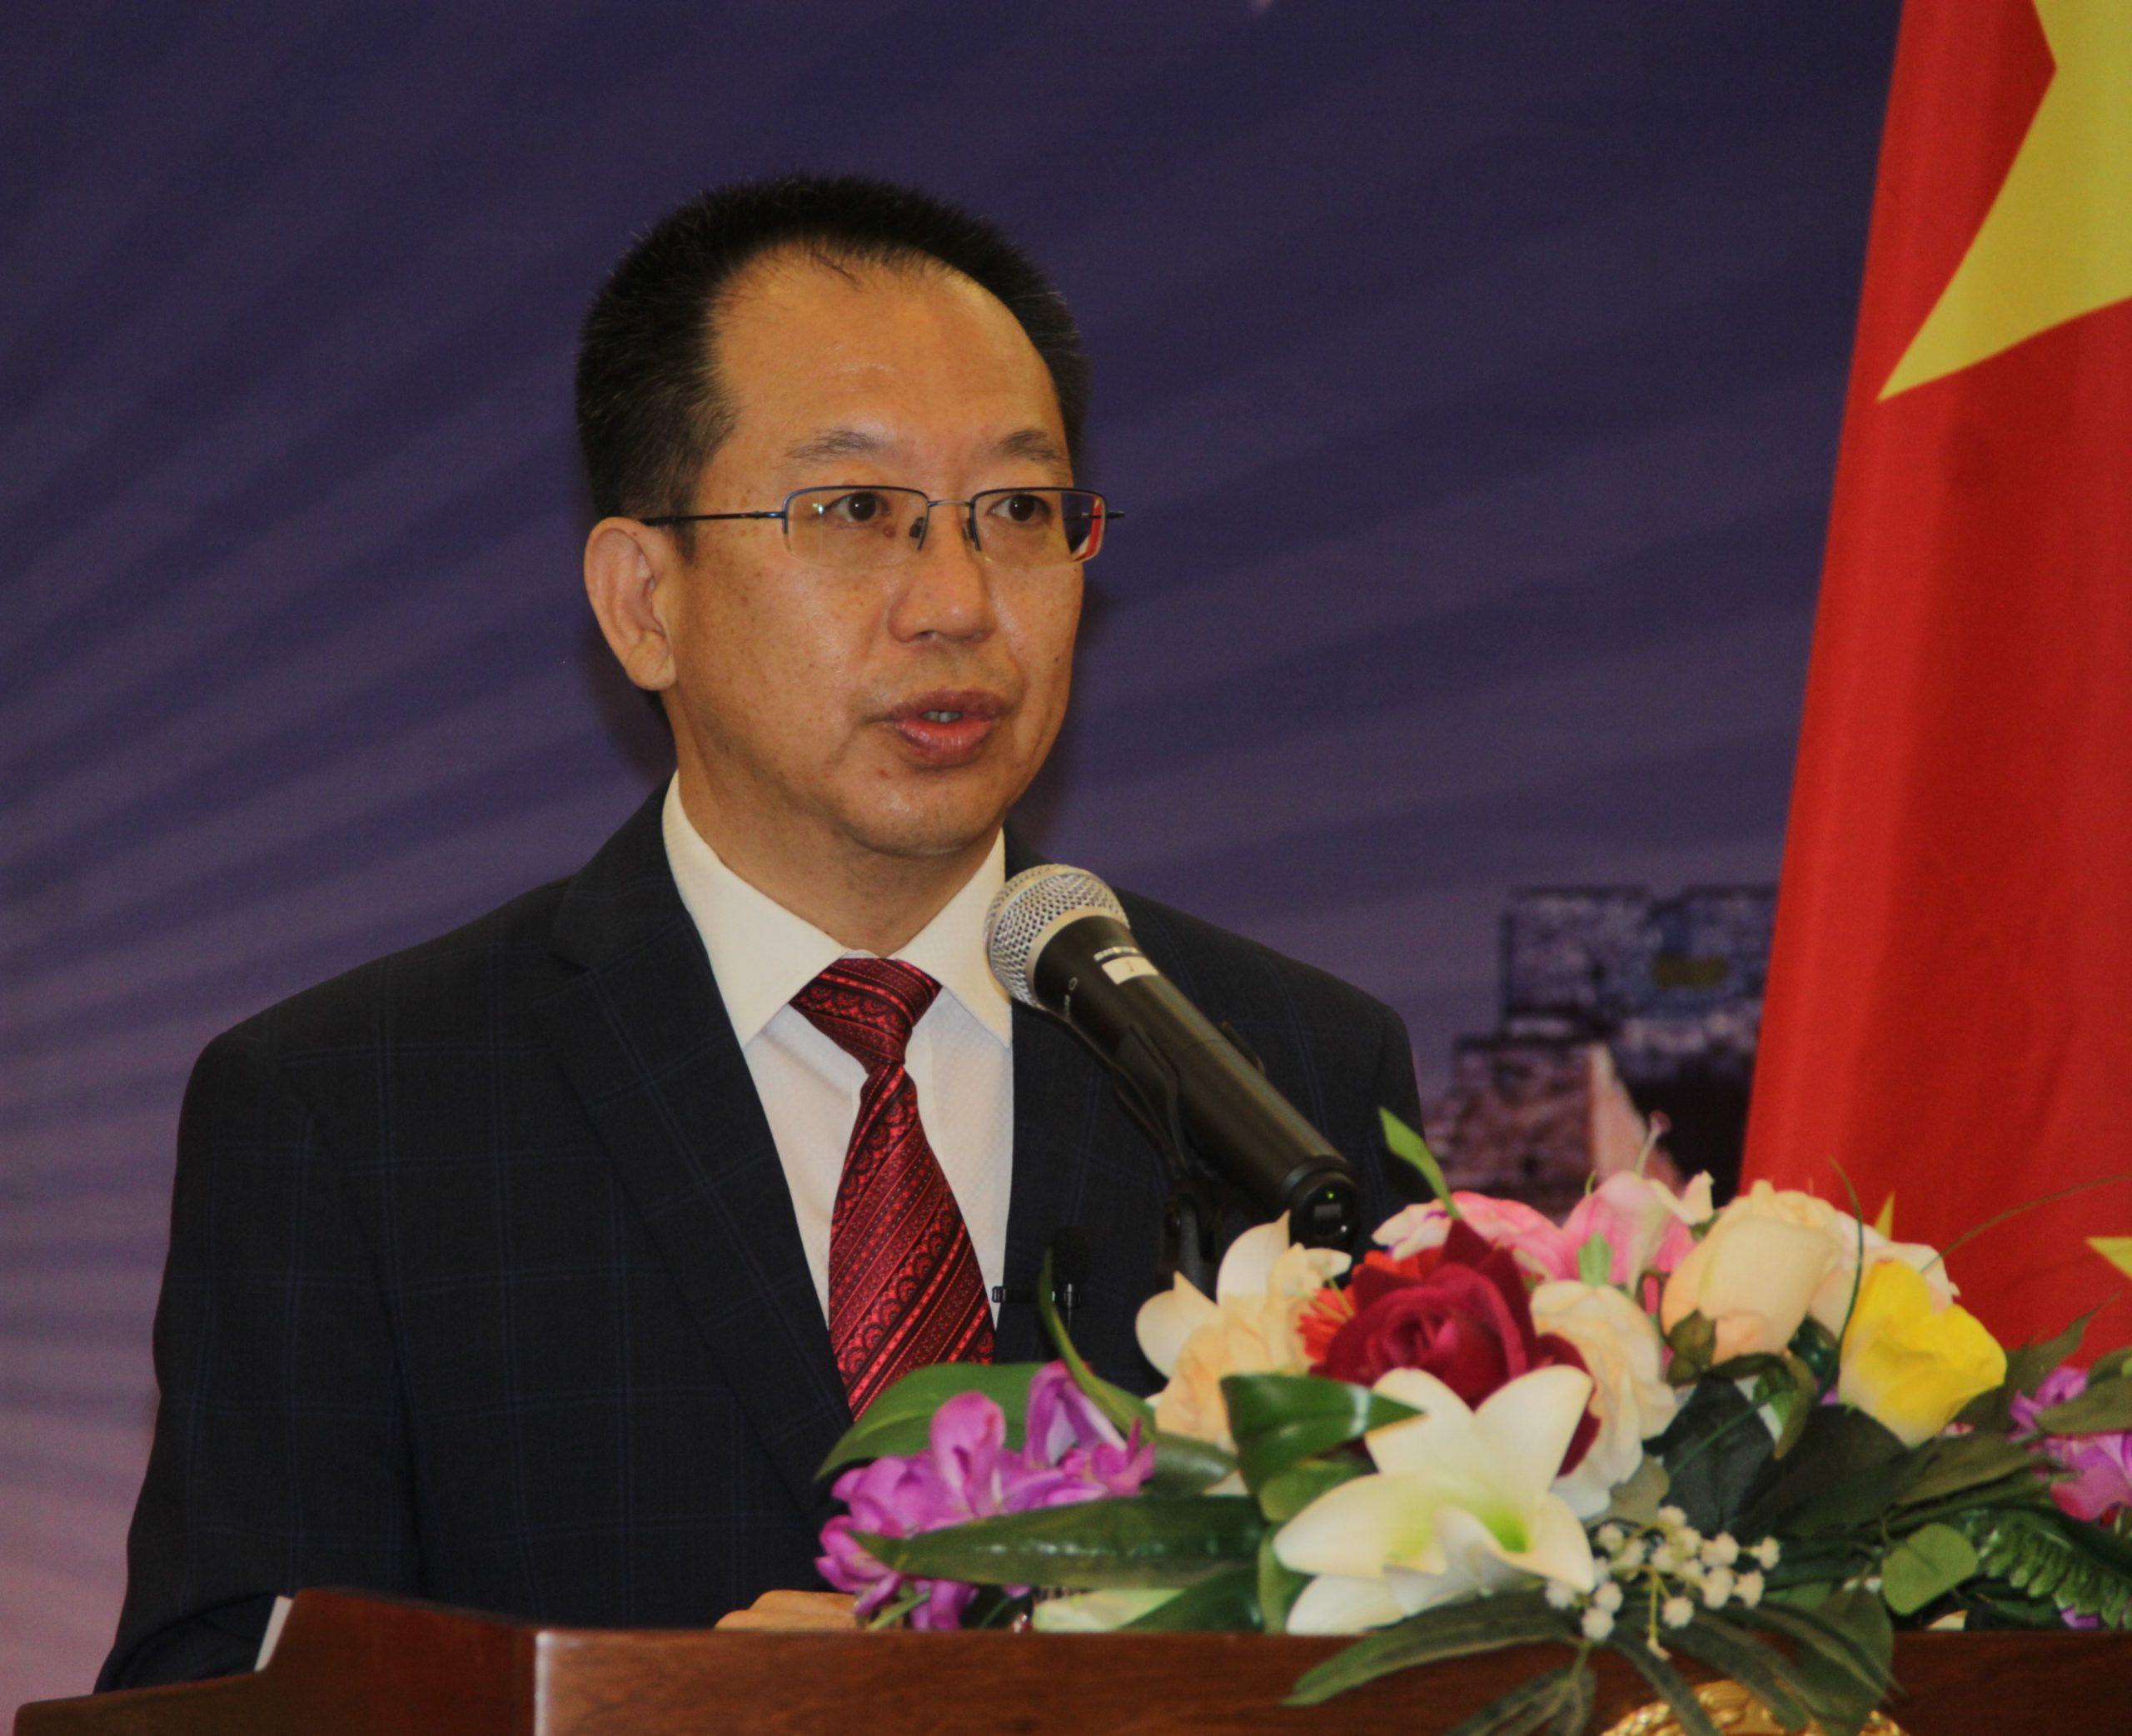 Embaixador da China na Guiné-Bissau, Guo Ce